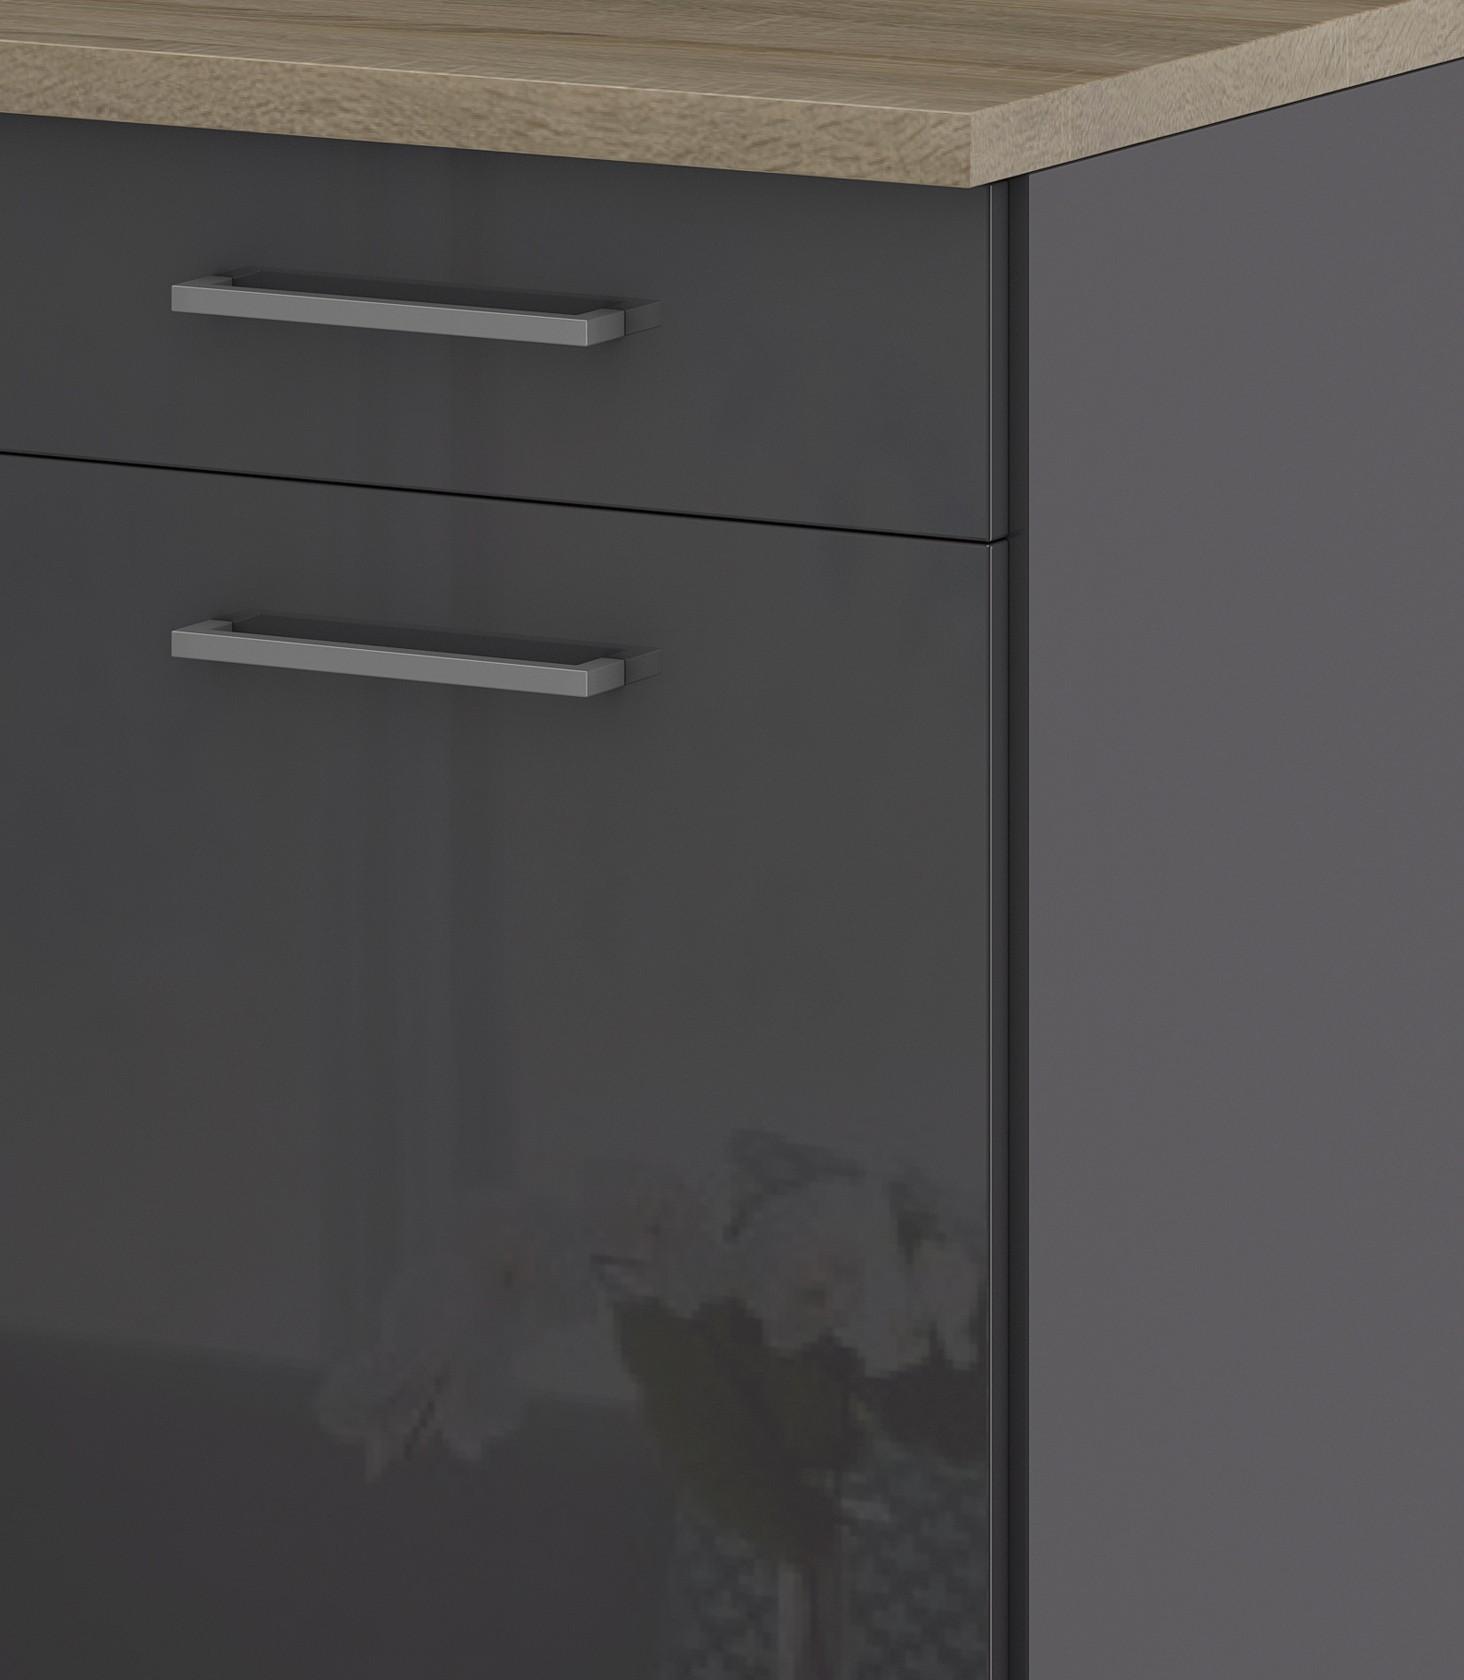 k chen unterschrank m nchen 2 t rig 100 cm breit hochglanz grau graphit k che m nchen. Black Bedroom Furniture Sets. Home Design Ideas